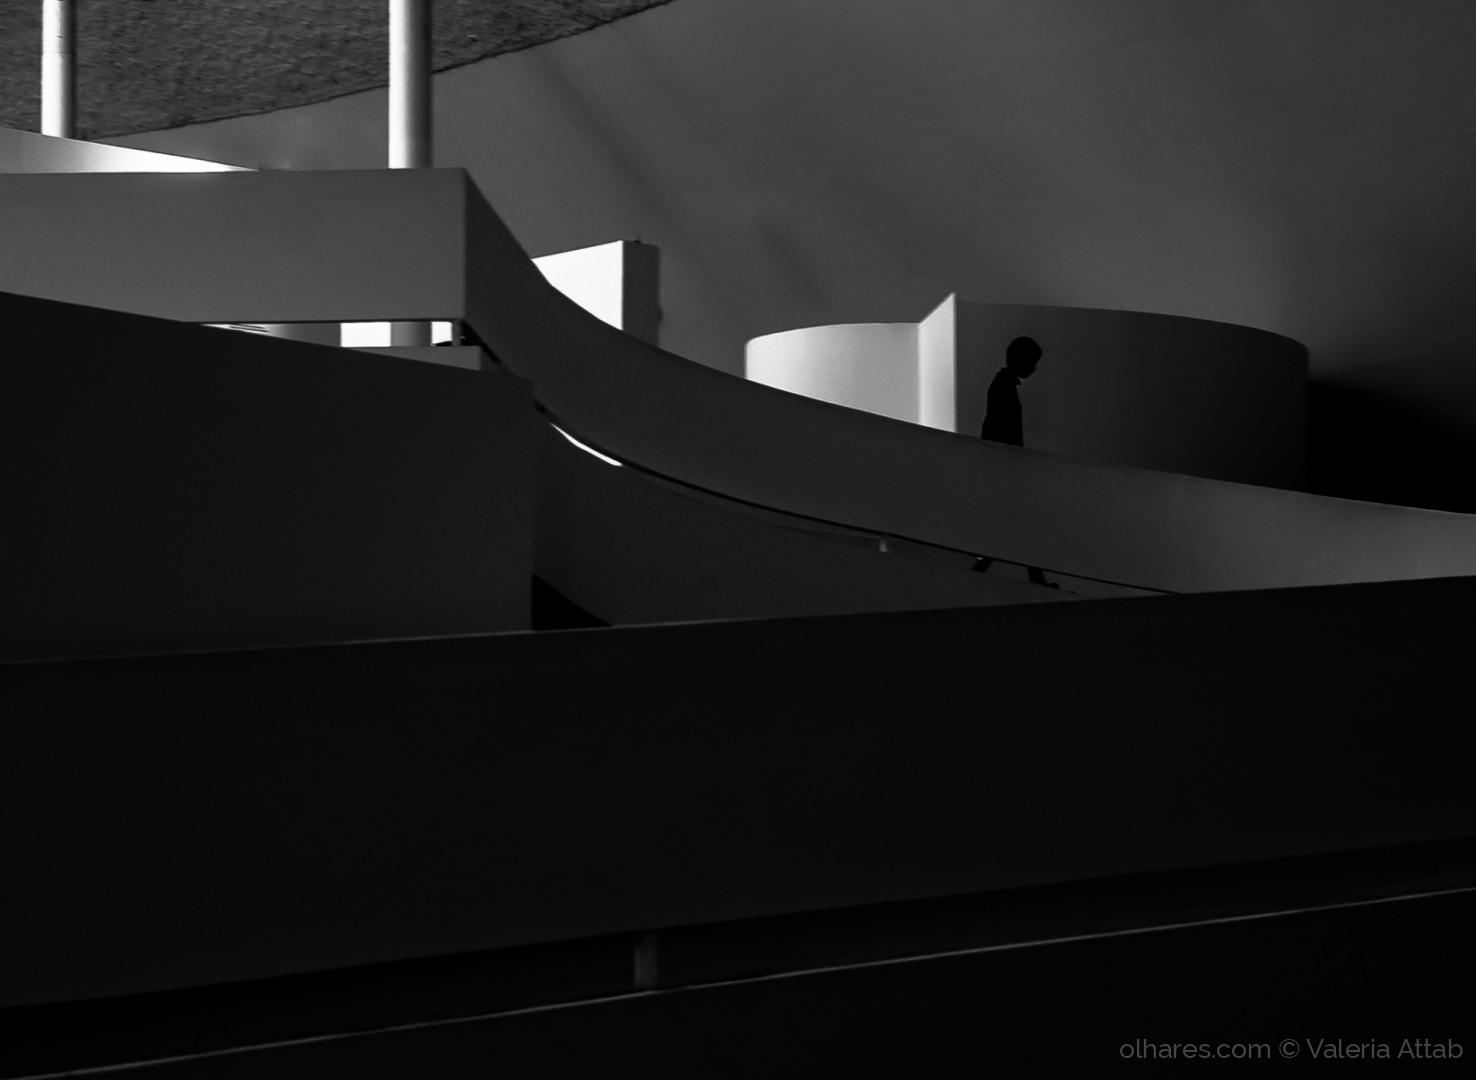 Arquitetura/caminho de sombra e luz...